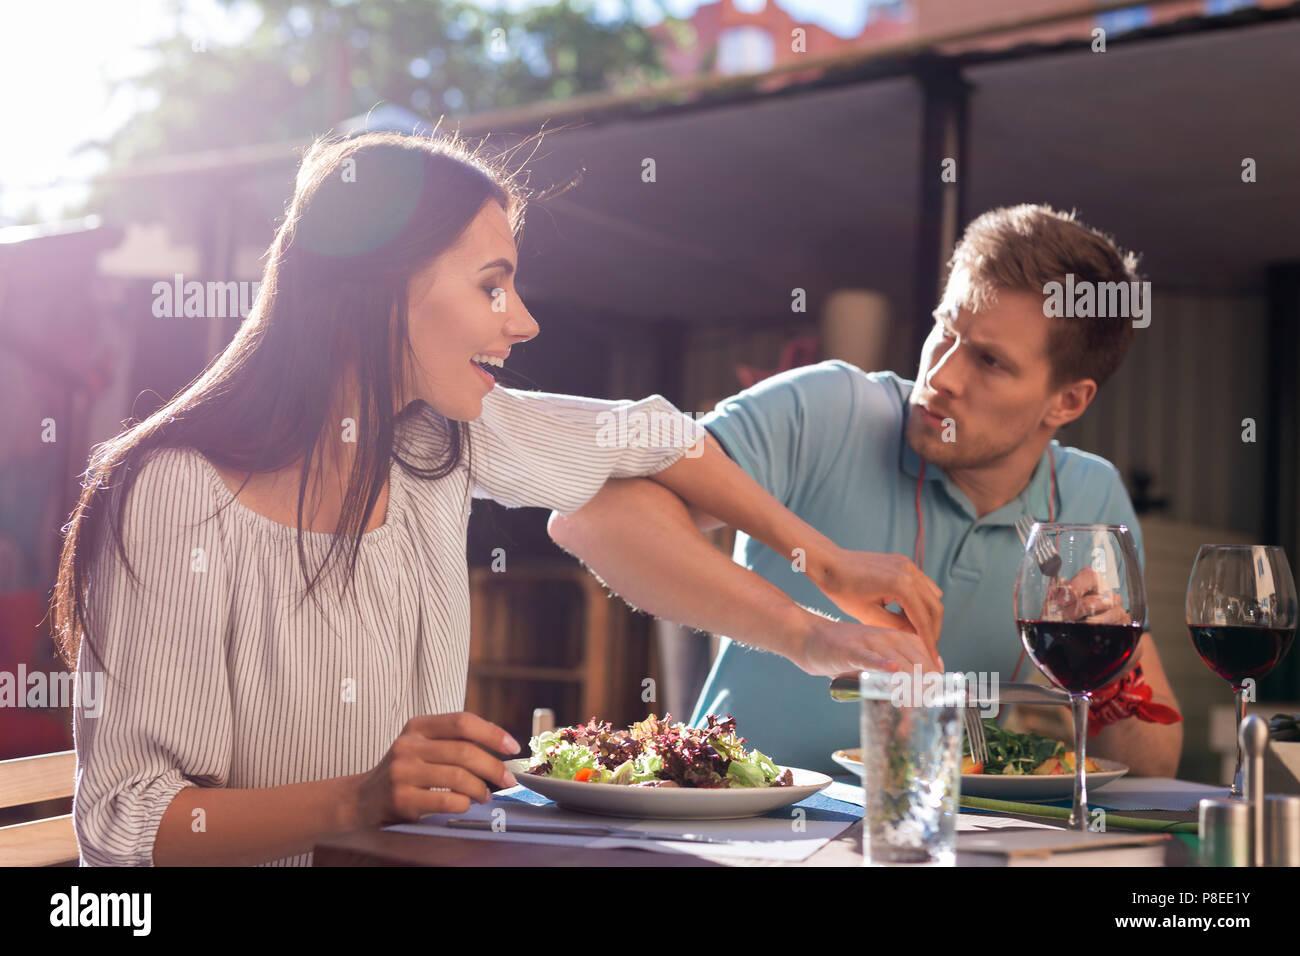 L'homme avide de ne pas laisser sa femme essayant sa salade composée Banque D'Images